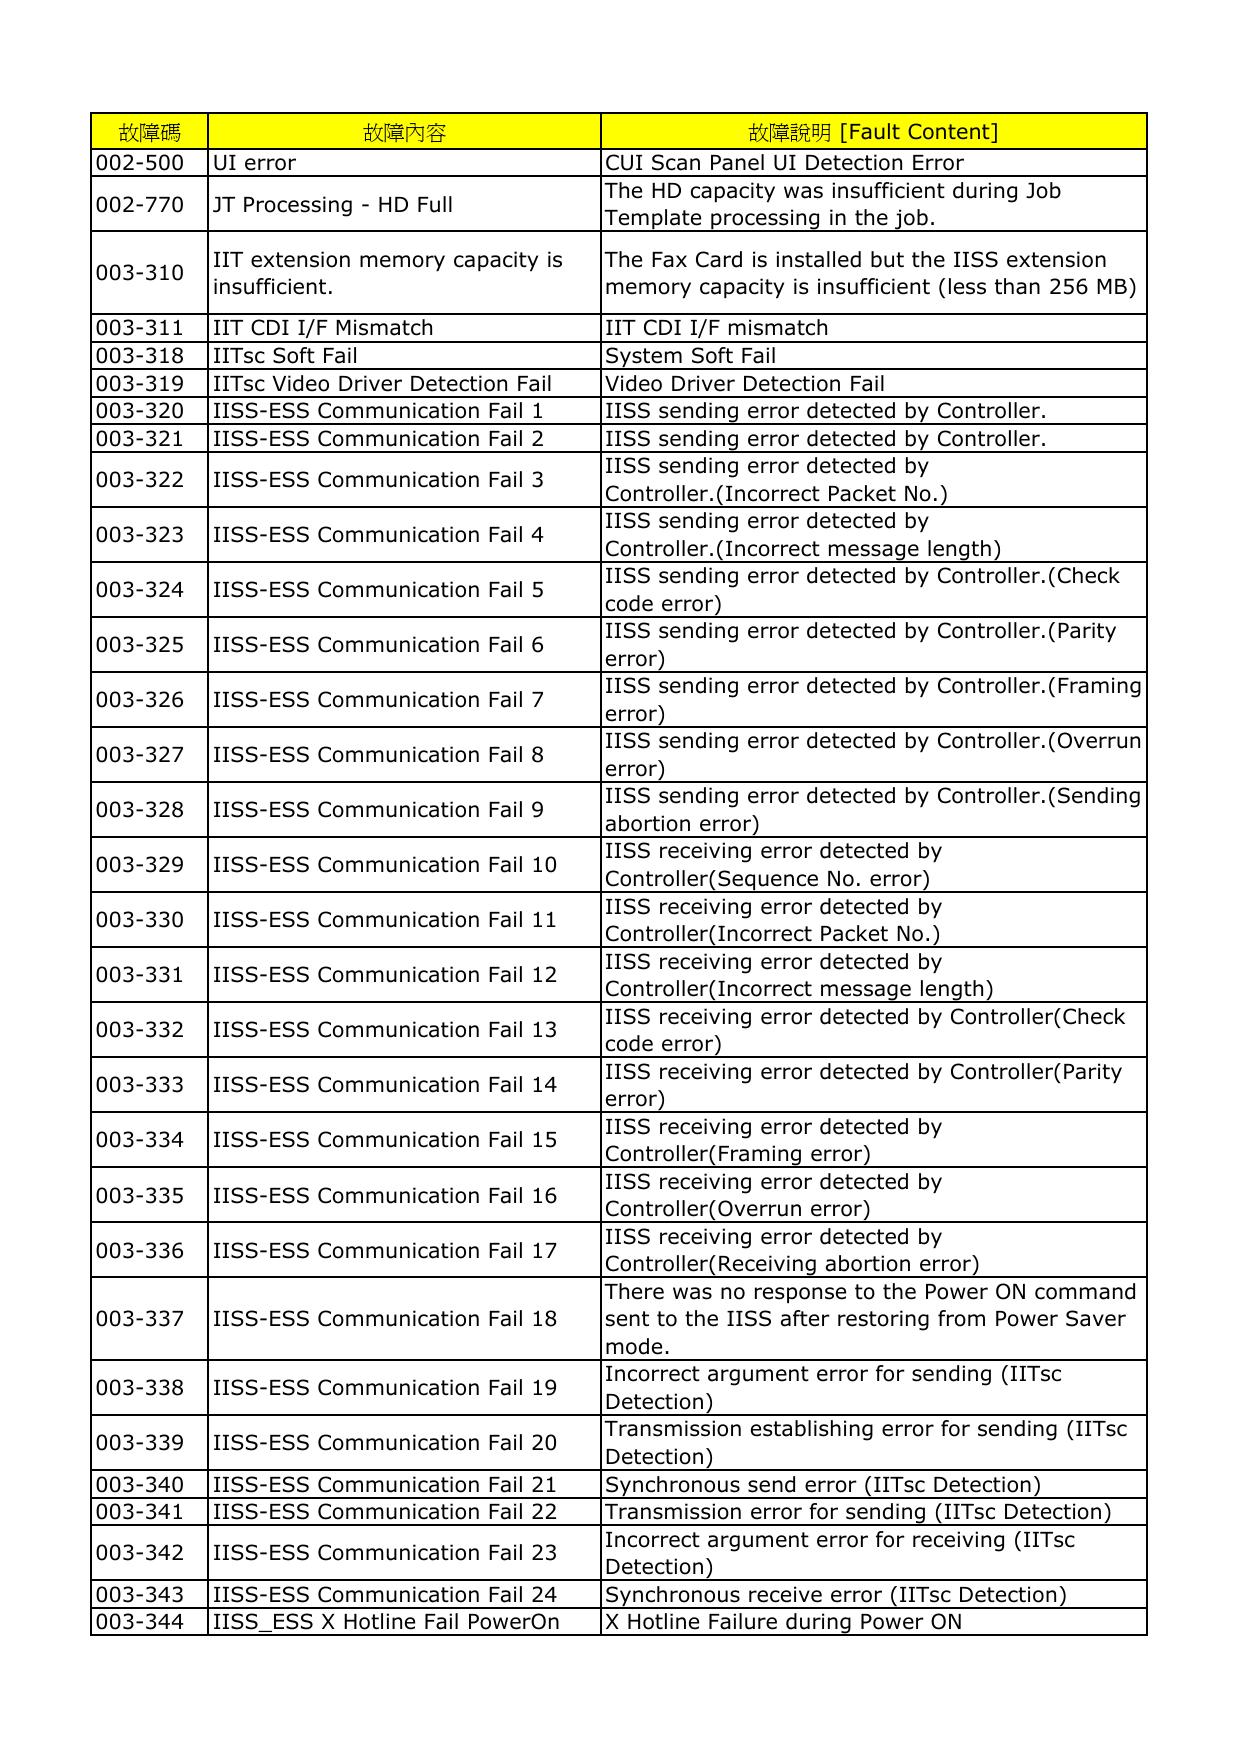 Fault Content] 002-500 UI error CUI Scan Panel UI Detection Error